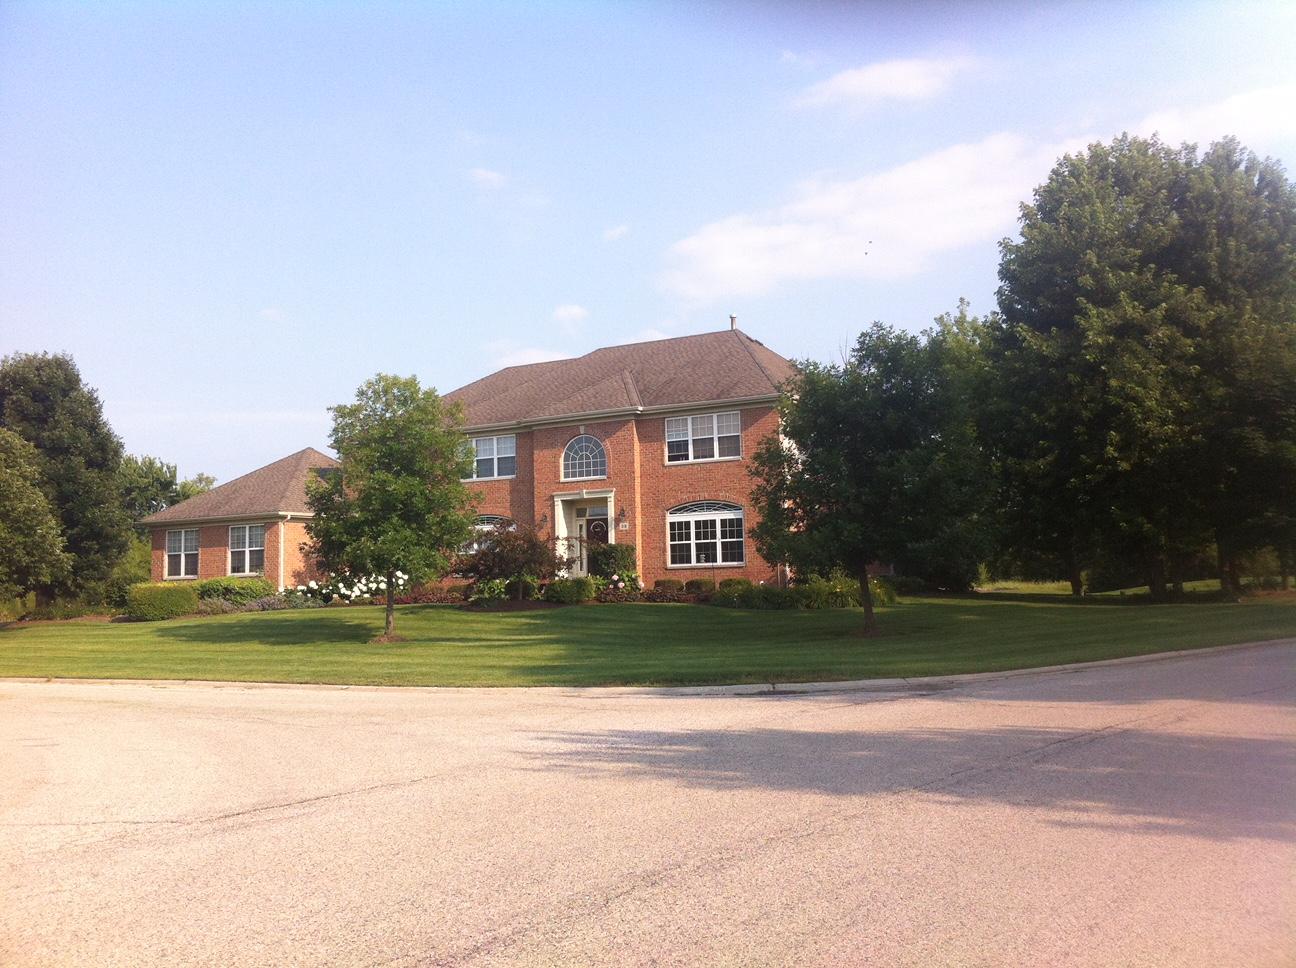 美国圣三一高中周边的寄宿家庭